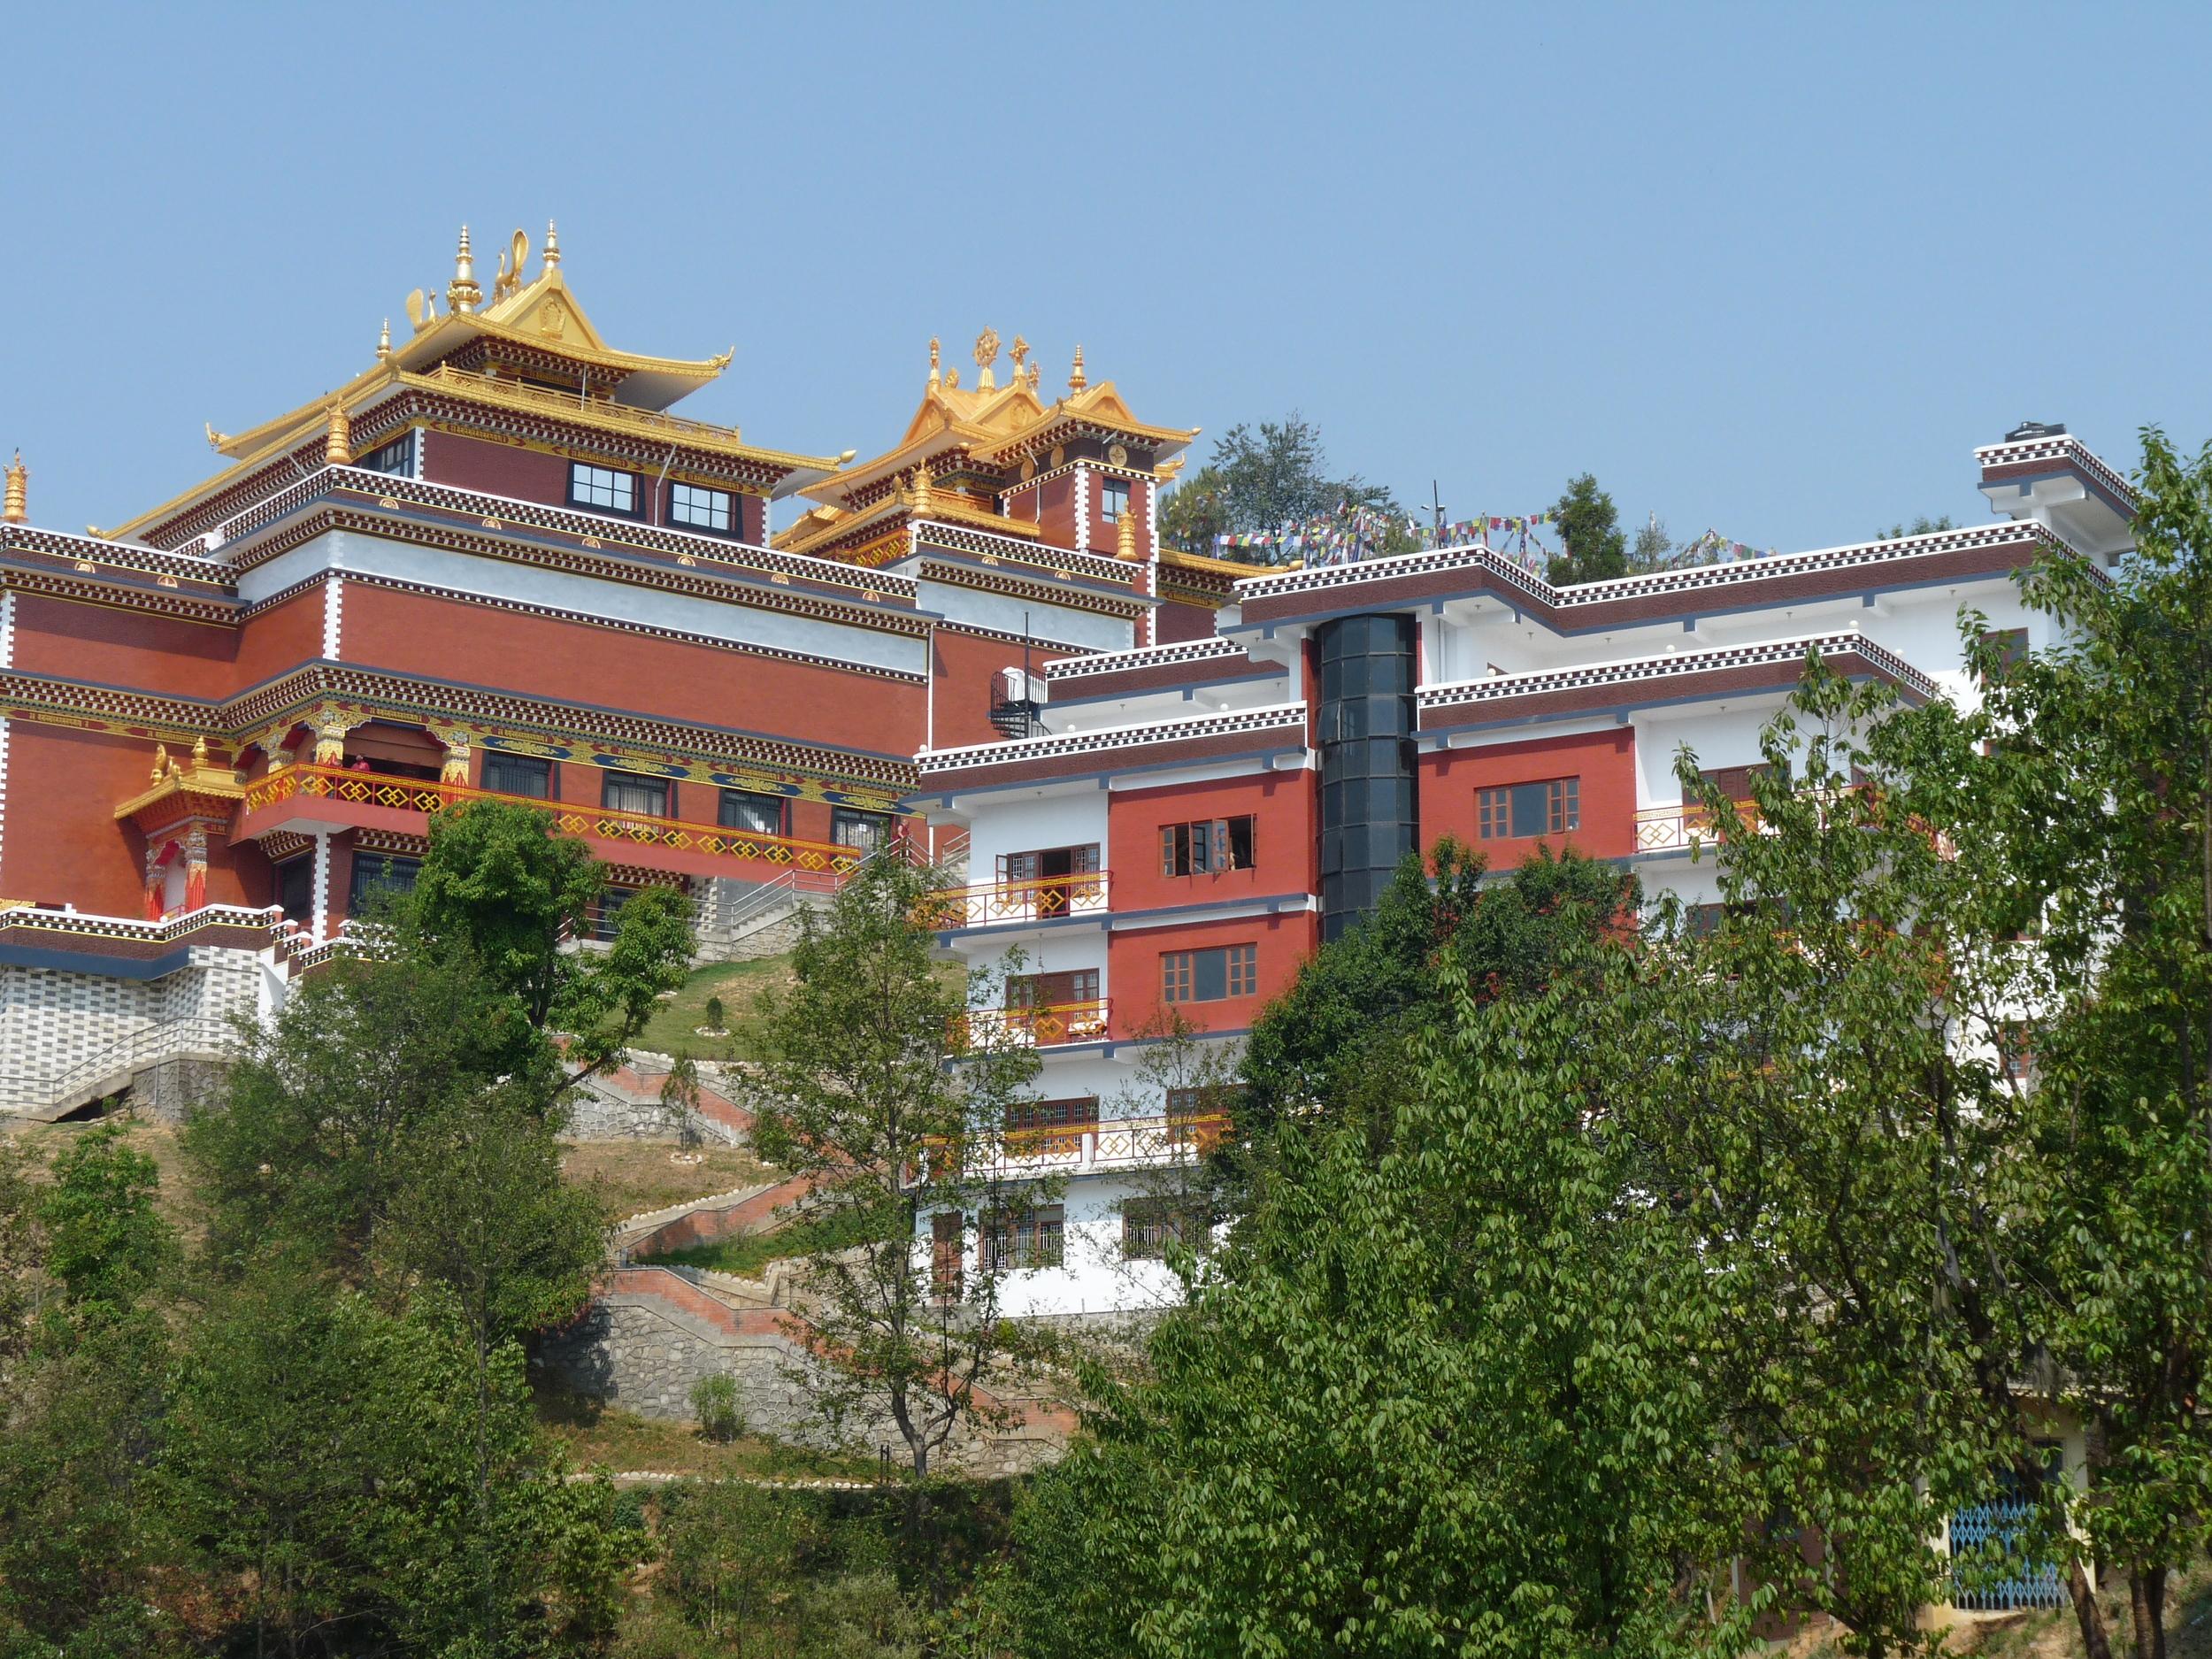 Le monastère de Namo Buddha dans la vallée de Katmandou